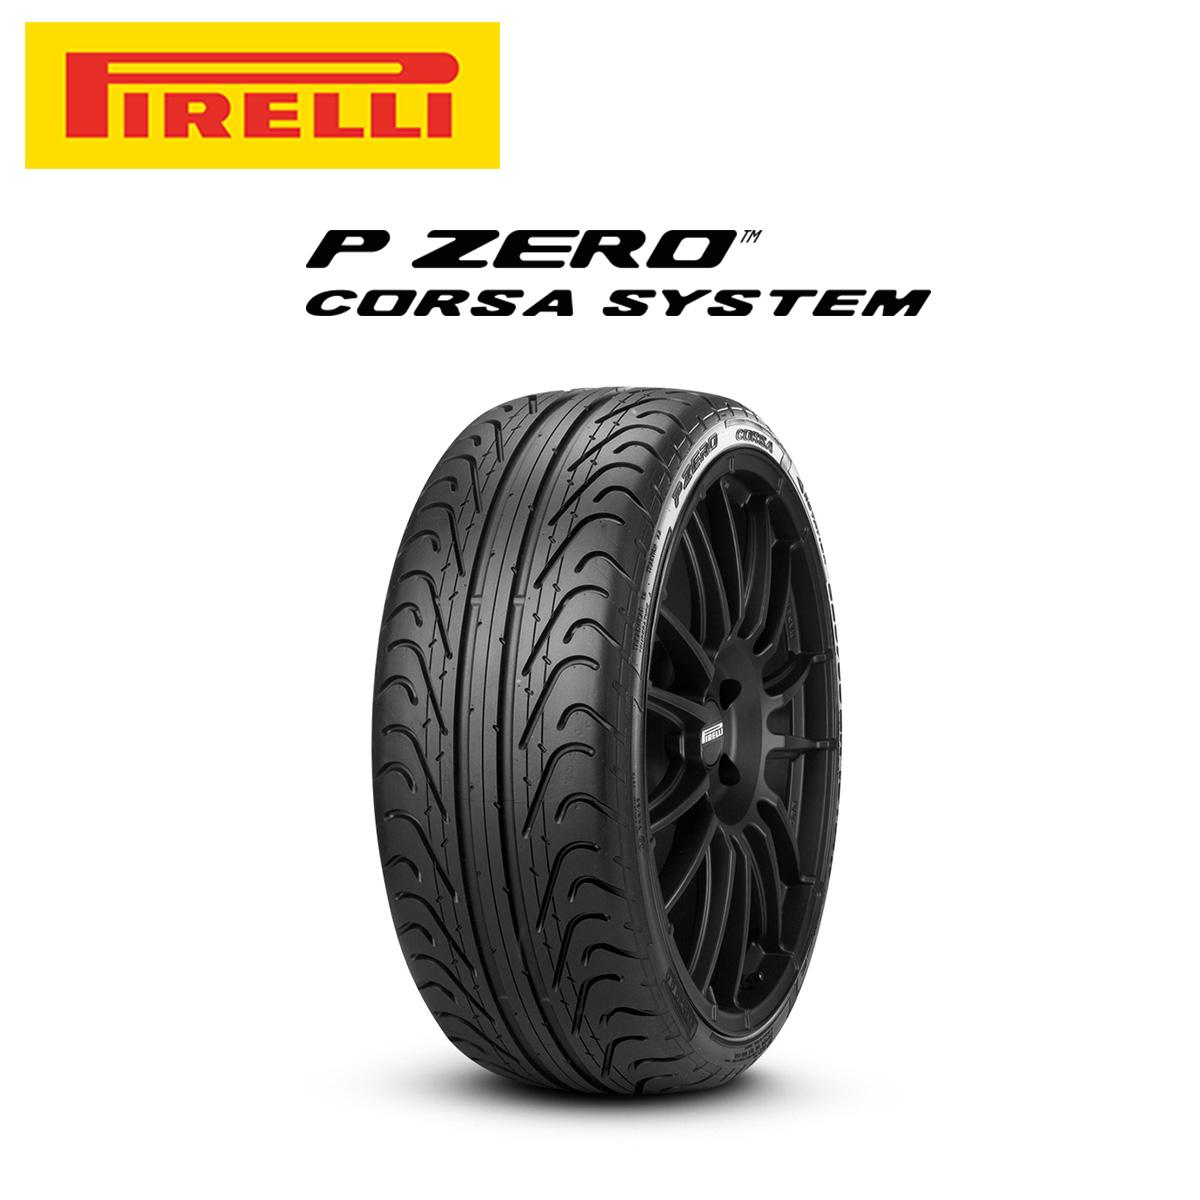 ピレリ PIRELLI P ZERO CORSA ピーゼロコルサ 20インチ サマー タイヤ 4本 セット 315/35ZR20 106Y F:フェラーリ承認タイヤ 2560900